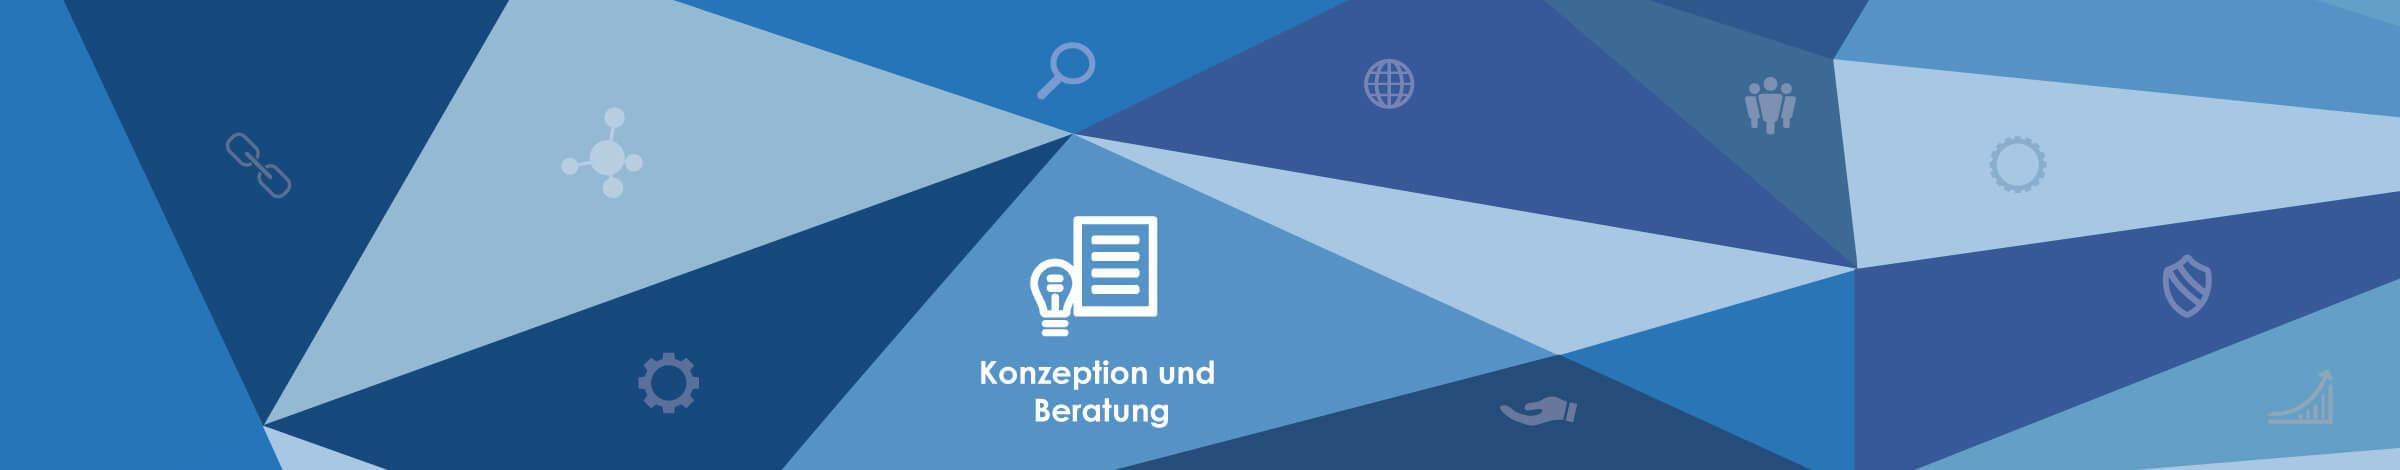 web_updates_kmu_wuk-ch_Konzeption-Beratung